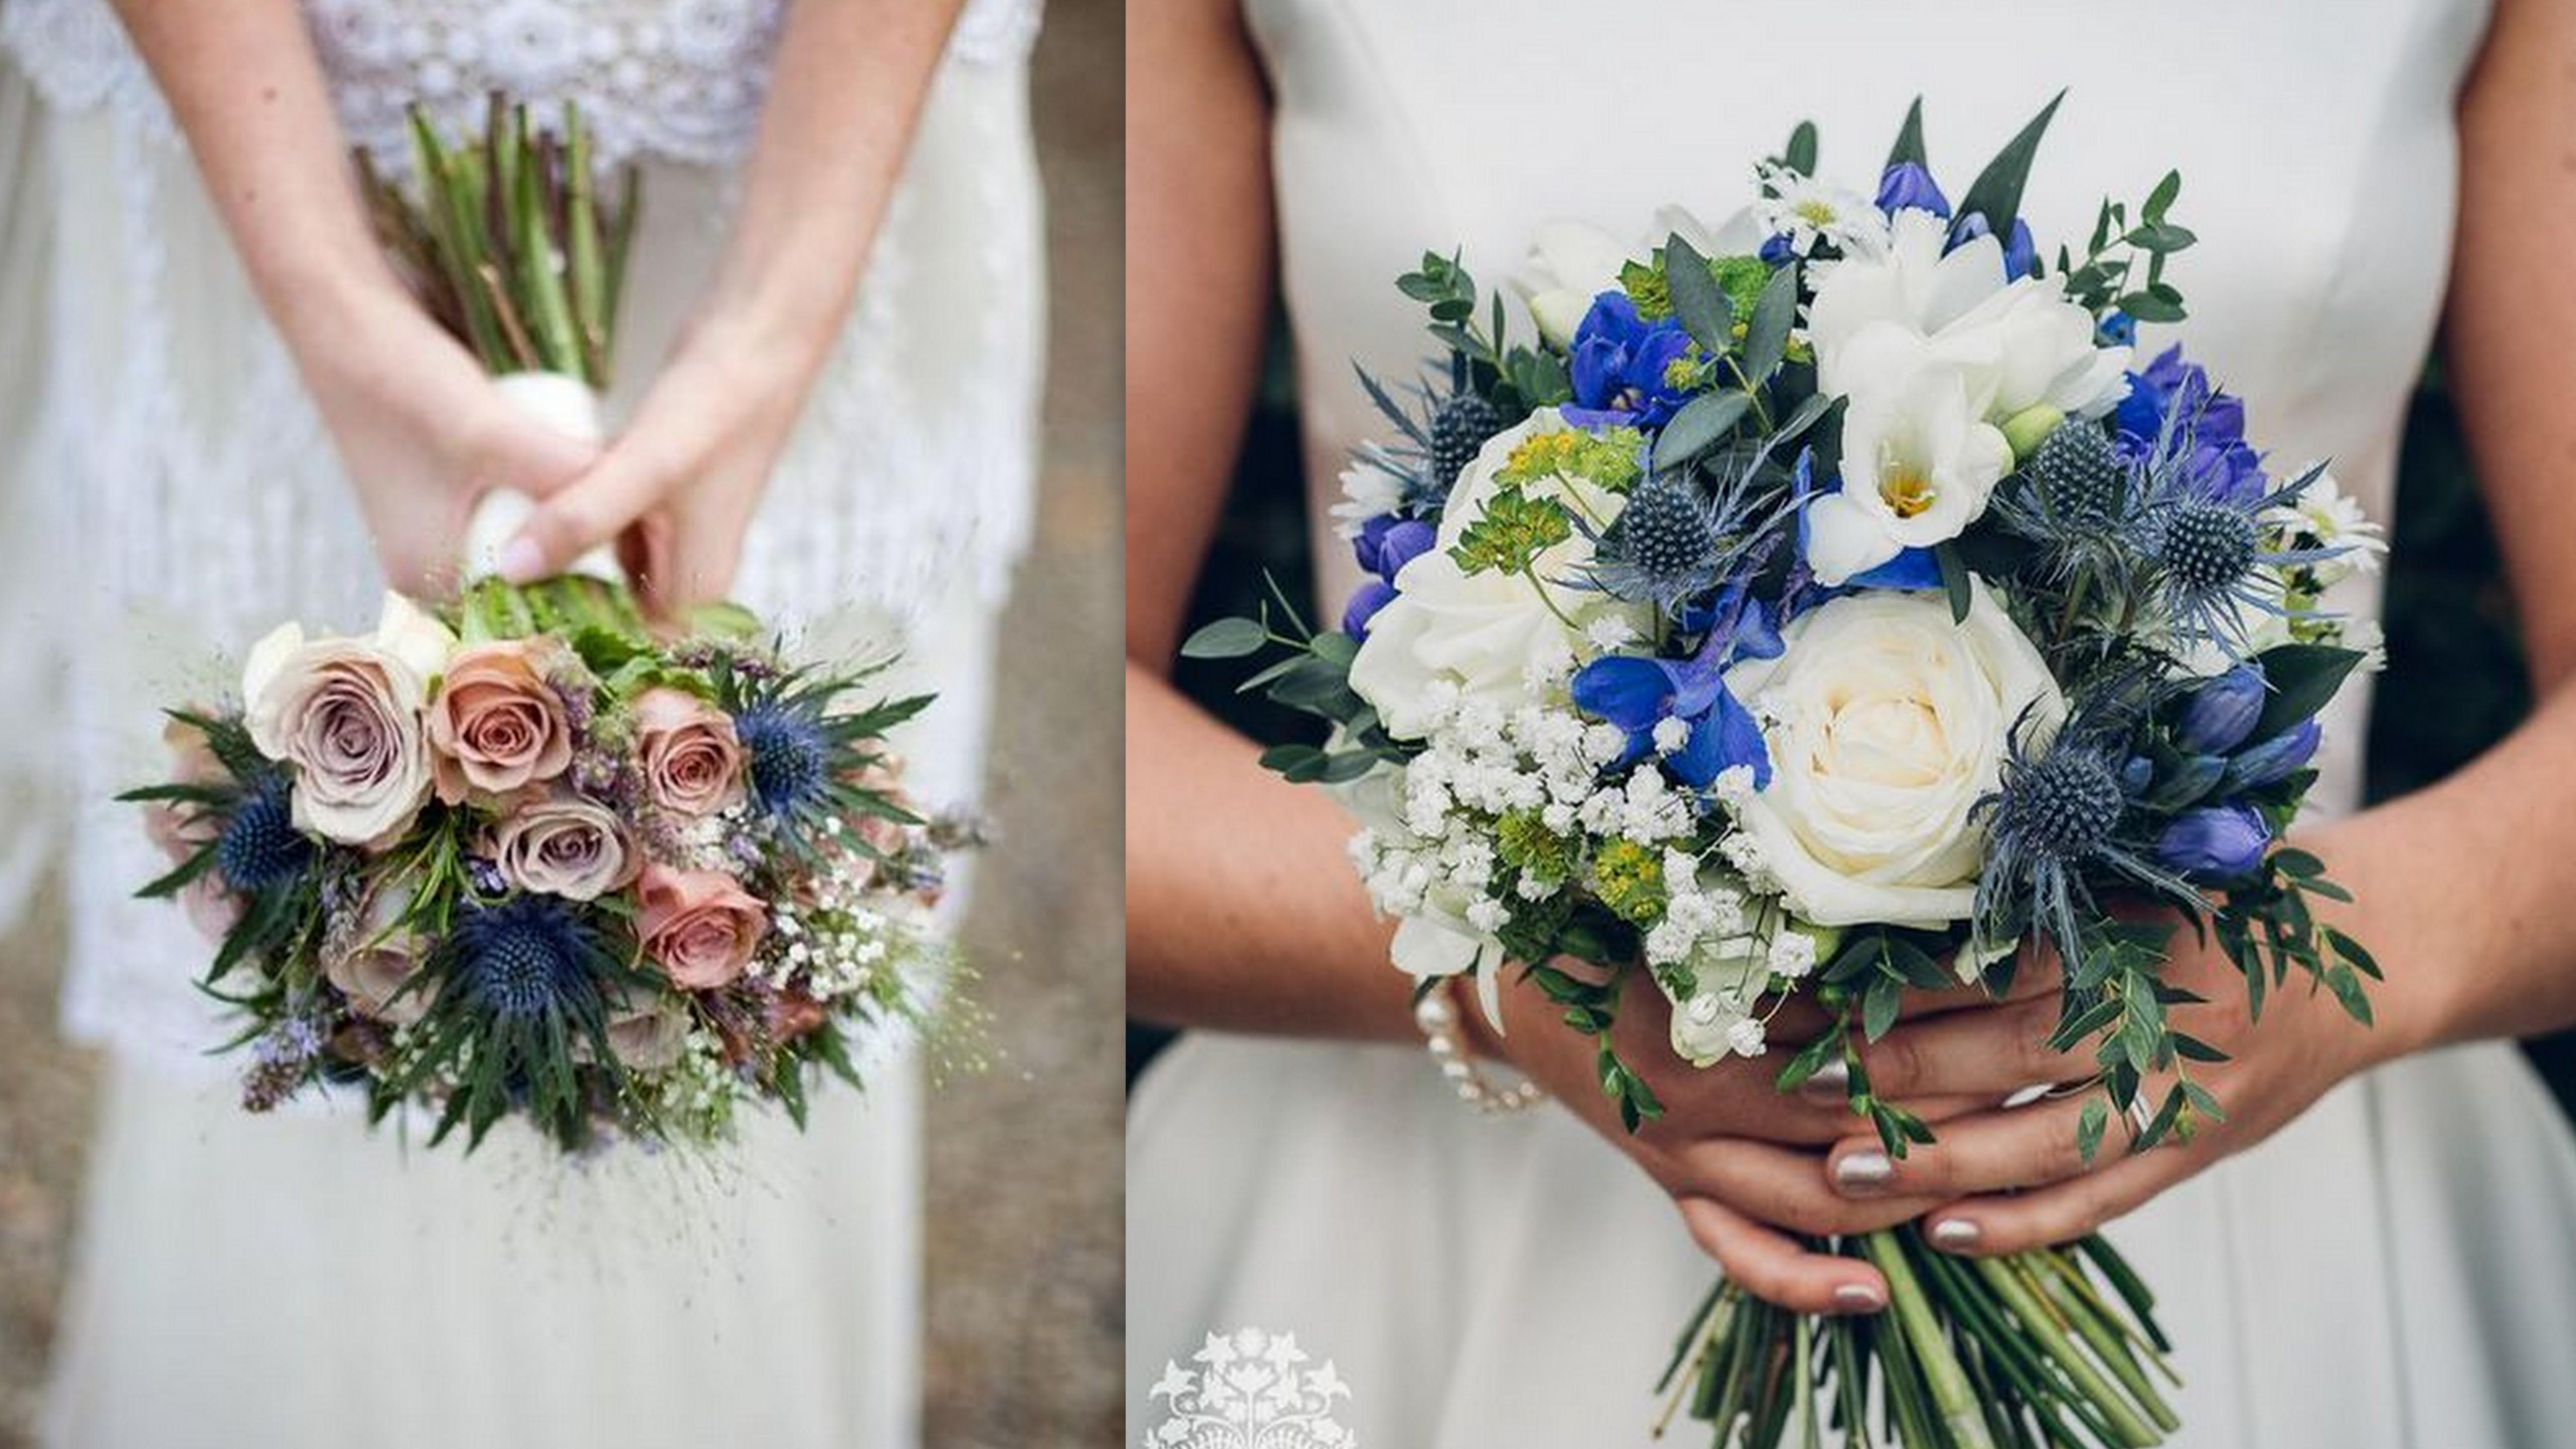 Jesienne propozycje bukietów ślubnych